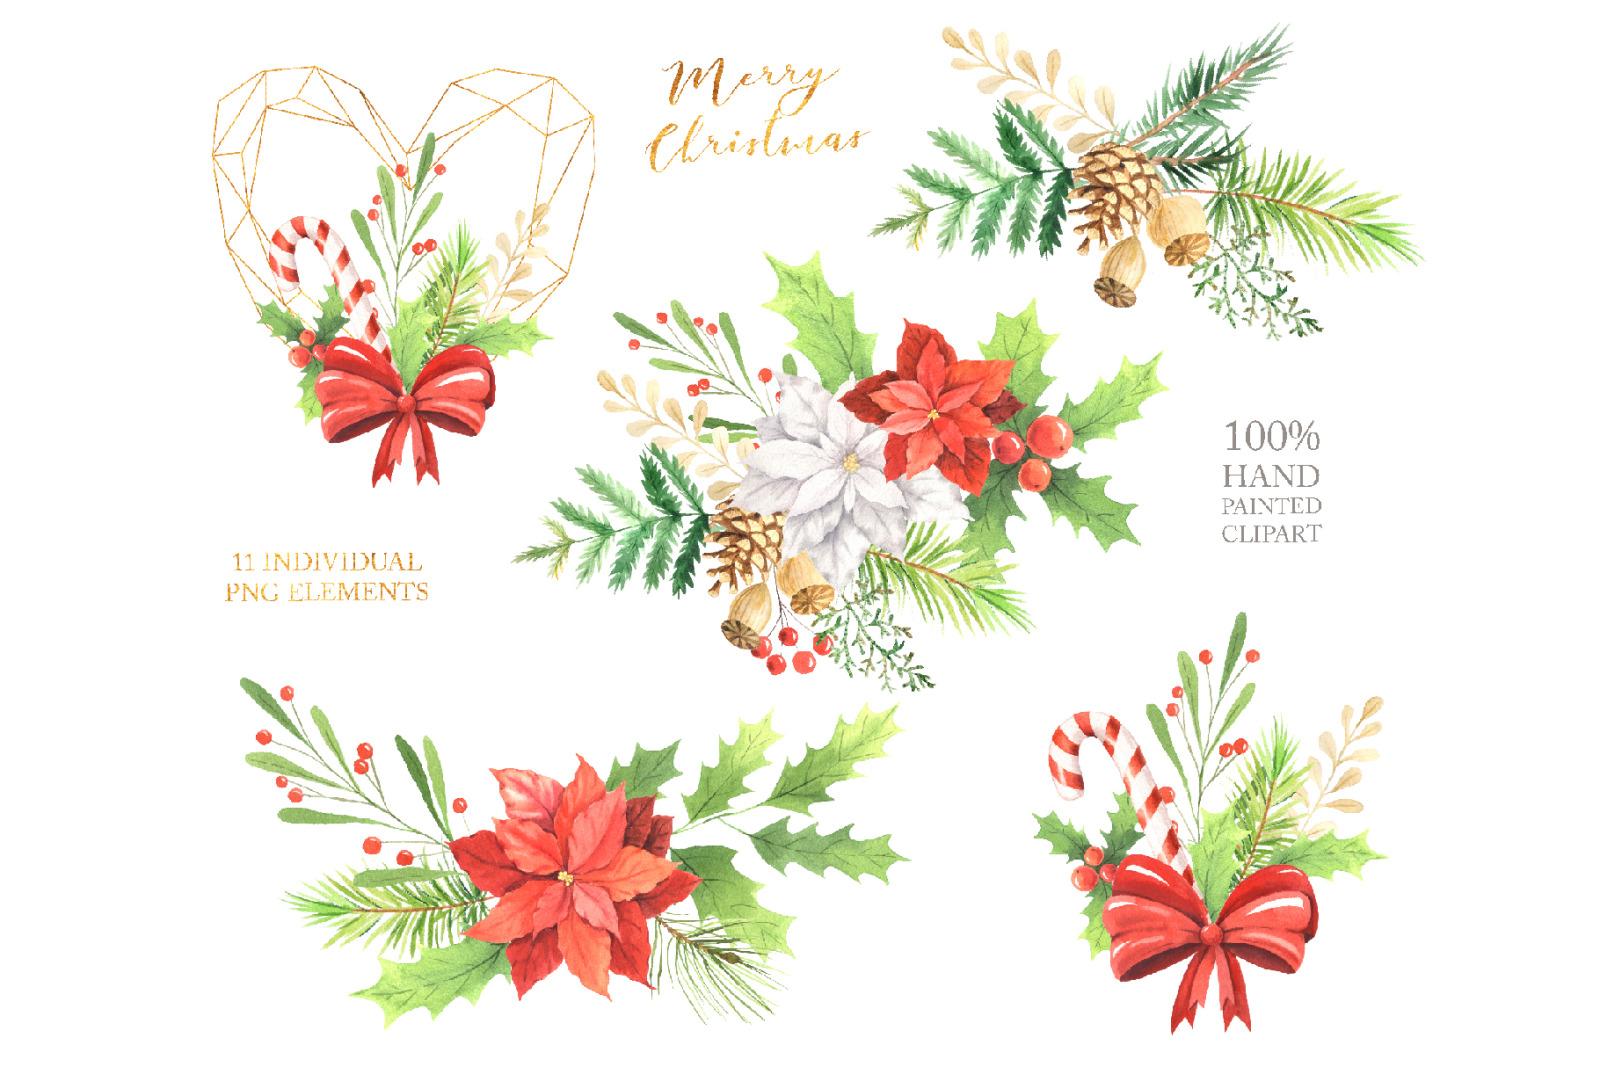 Watercolor Christmas Arrangements Set